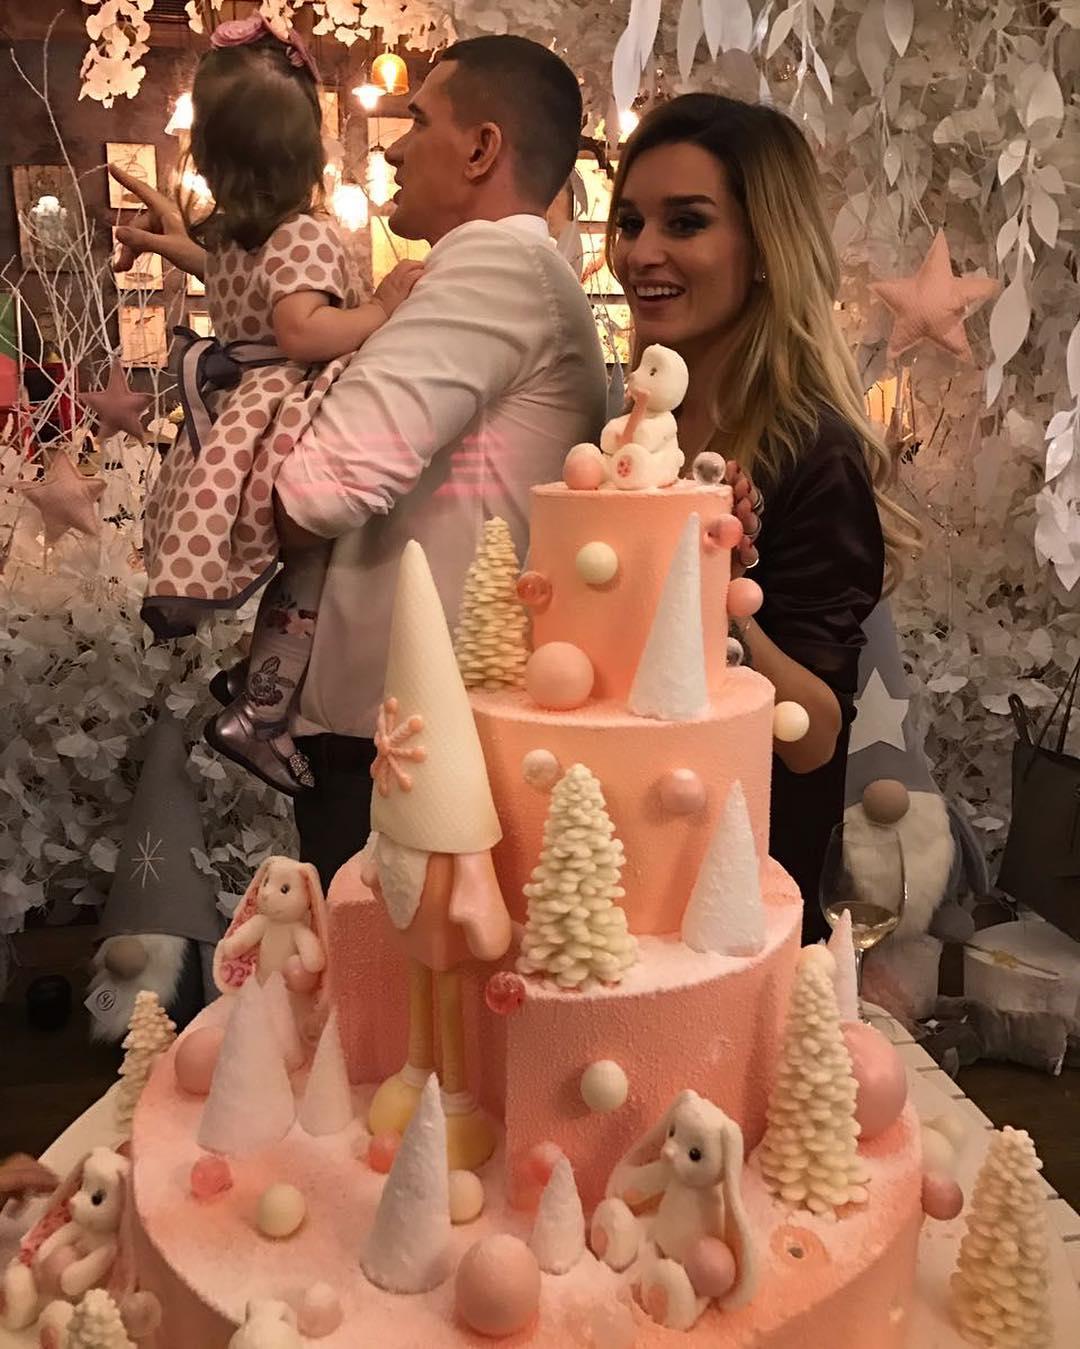 Сказочный праздник: Ксения Бородина устроила незабываемую вечеринку в честь первого дня рождения дочери